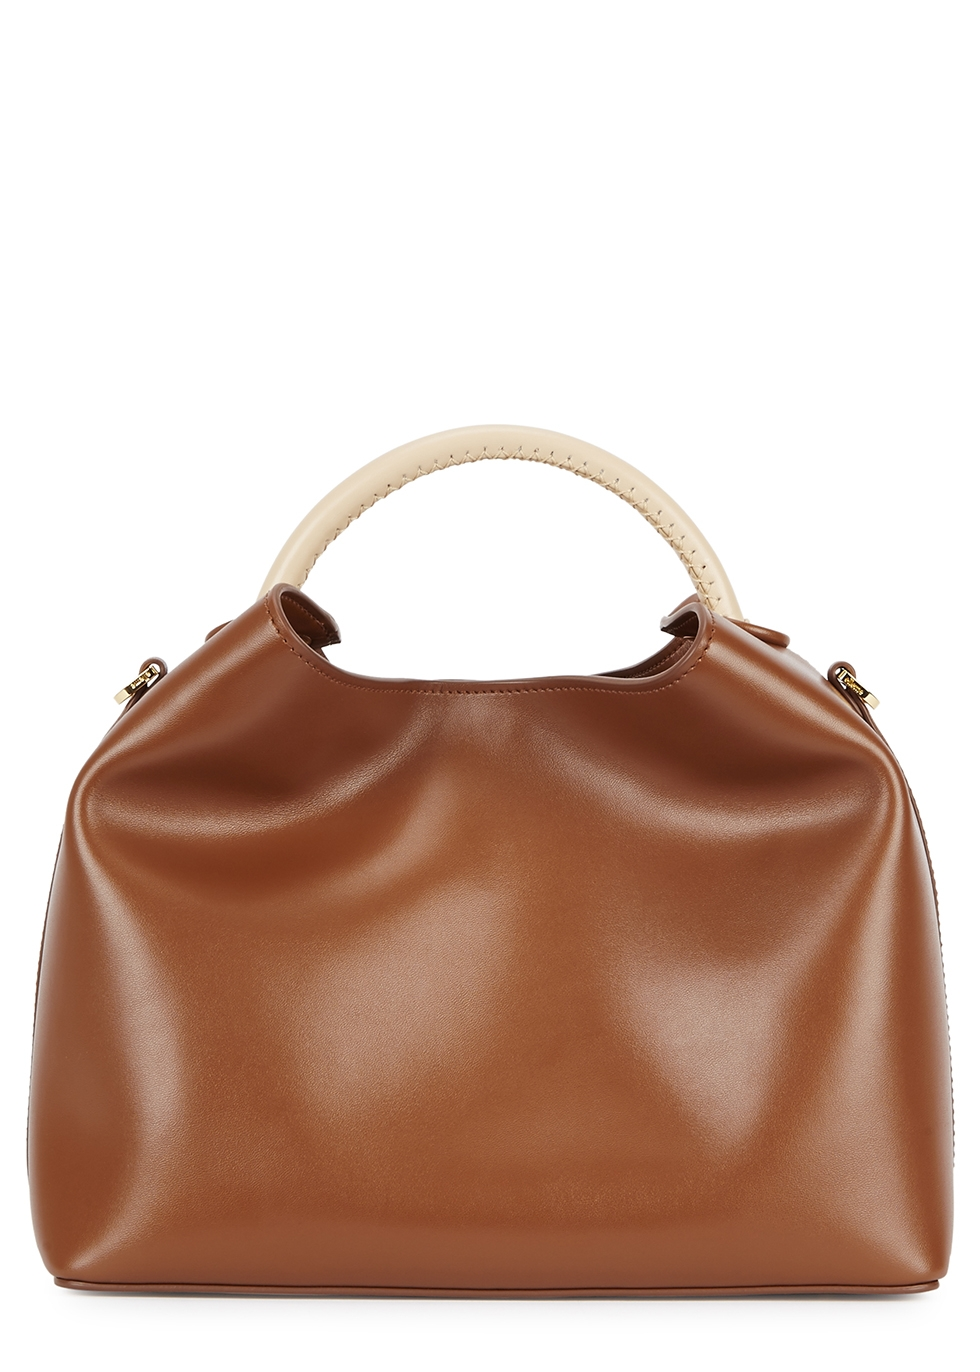 ELLEME Raisin Brown Leather Shoulder Bag